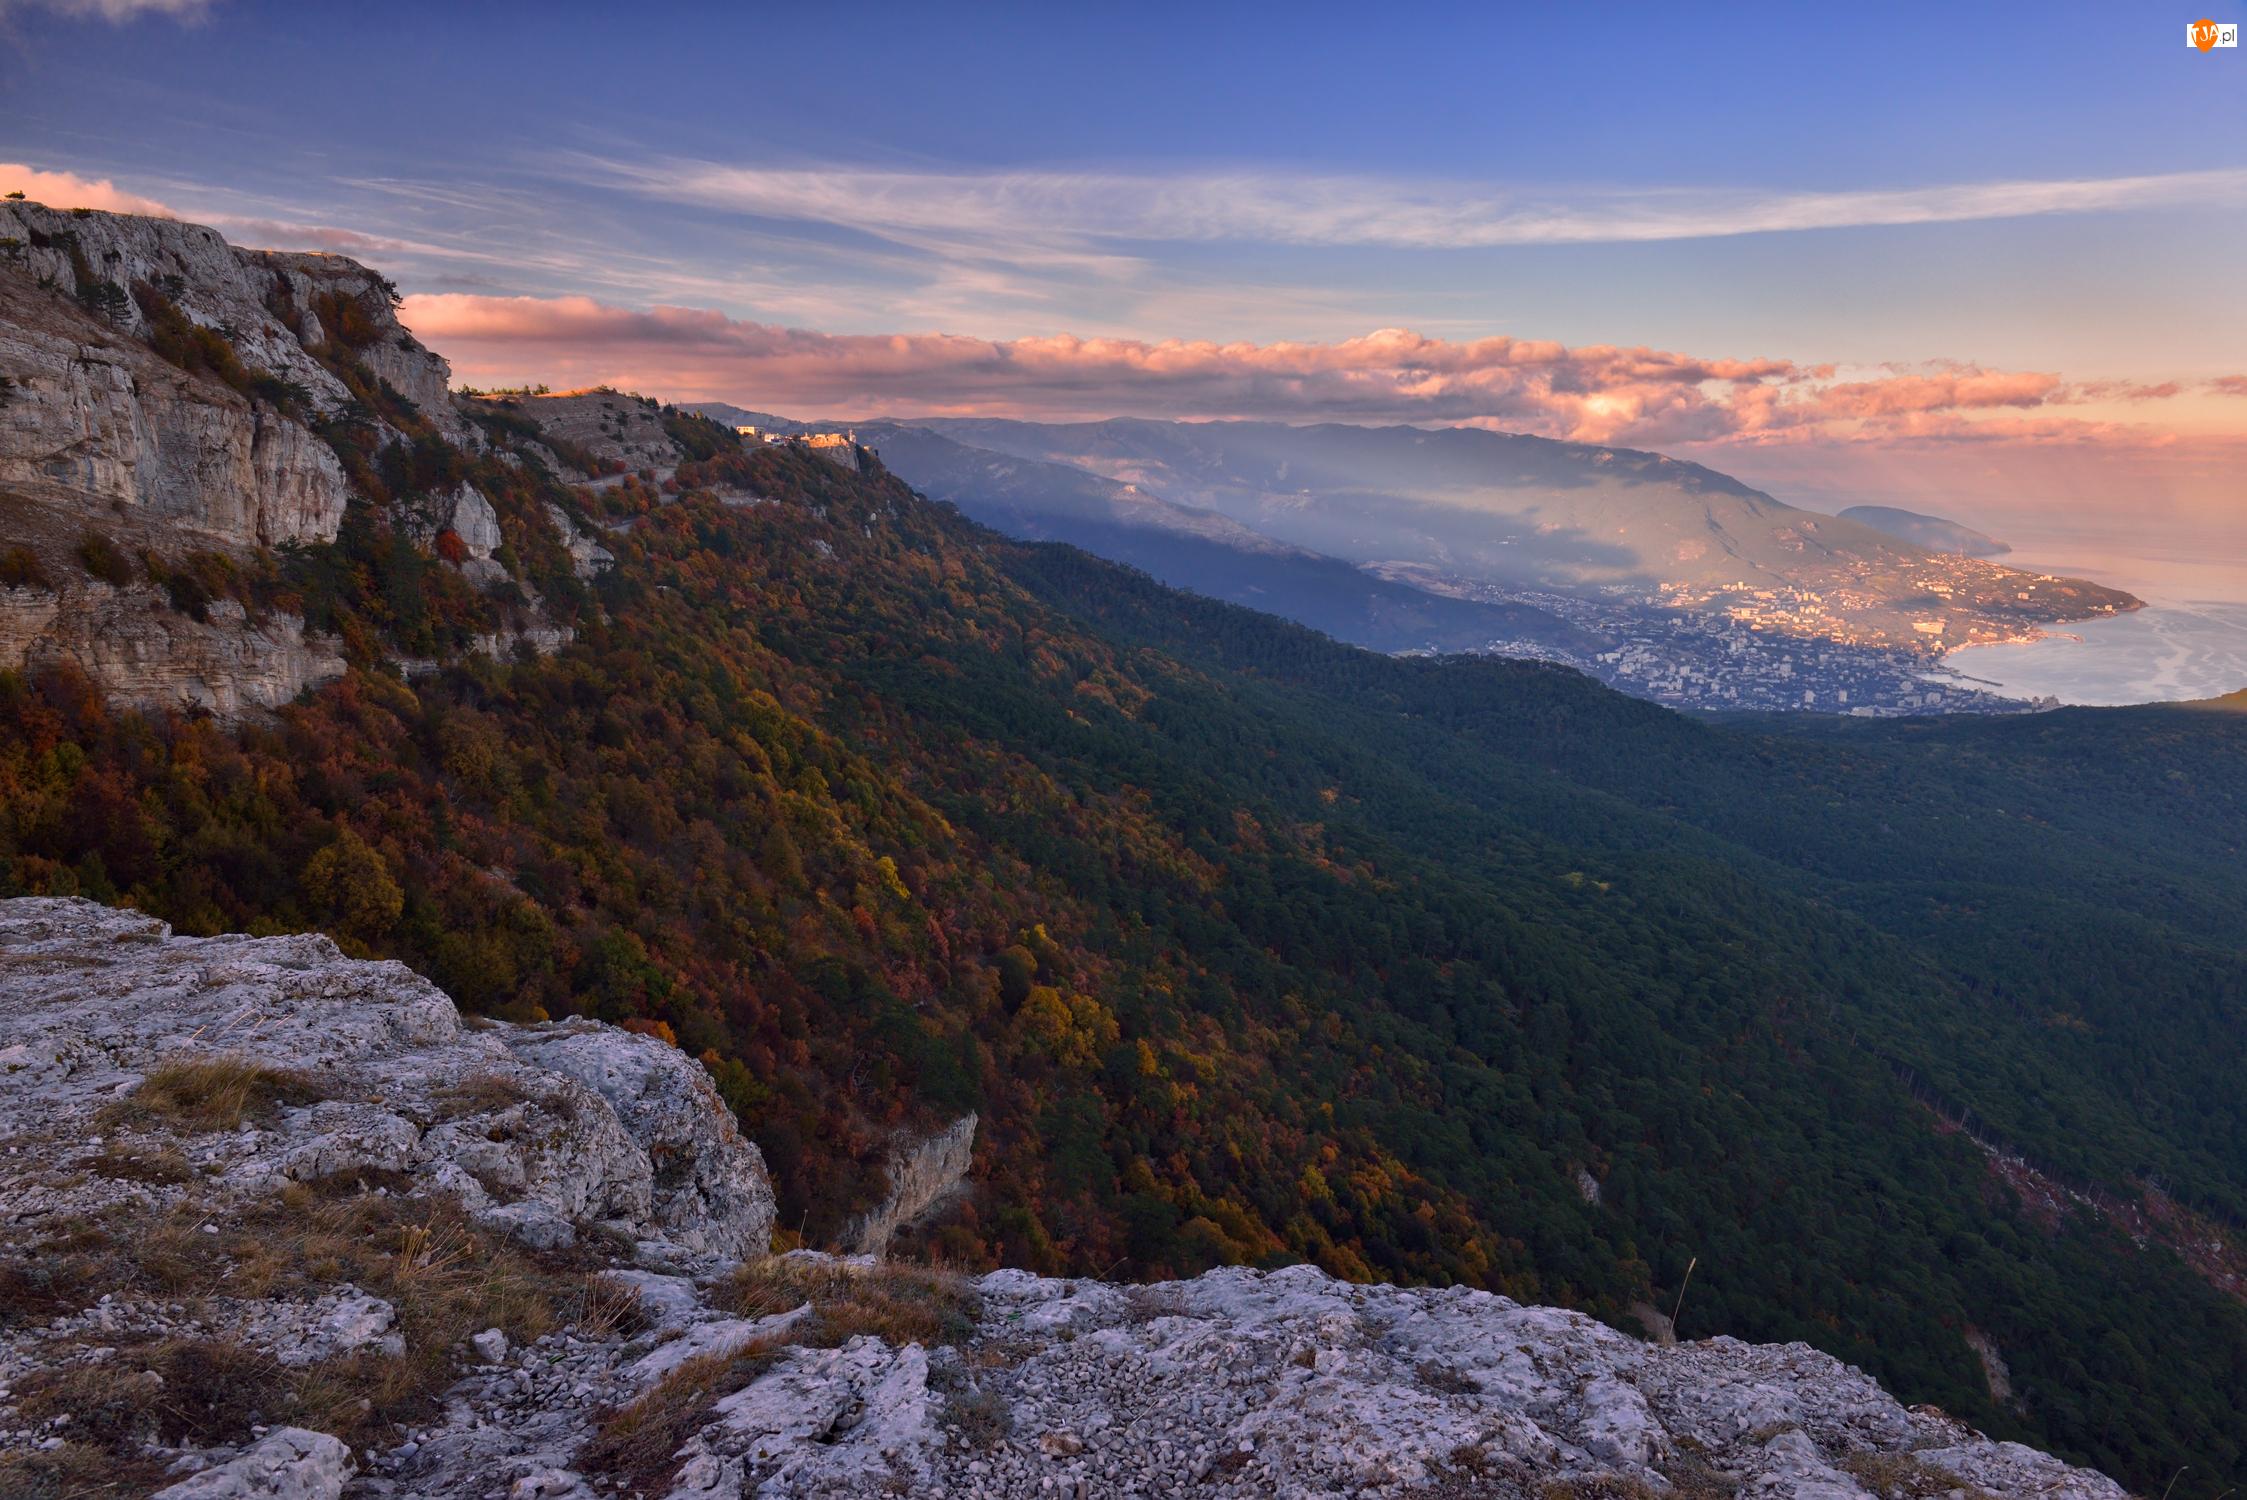 Skały, Góry, Zbocze, Chmury, Zalesione, Drzewa